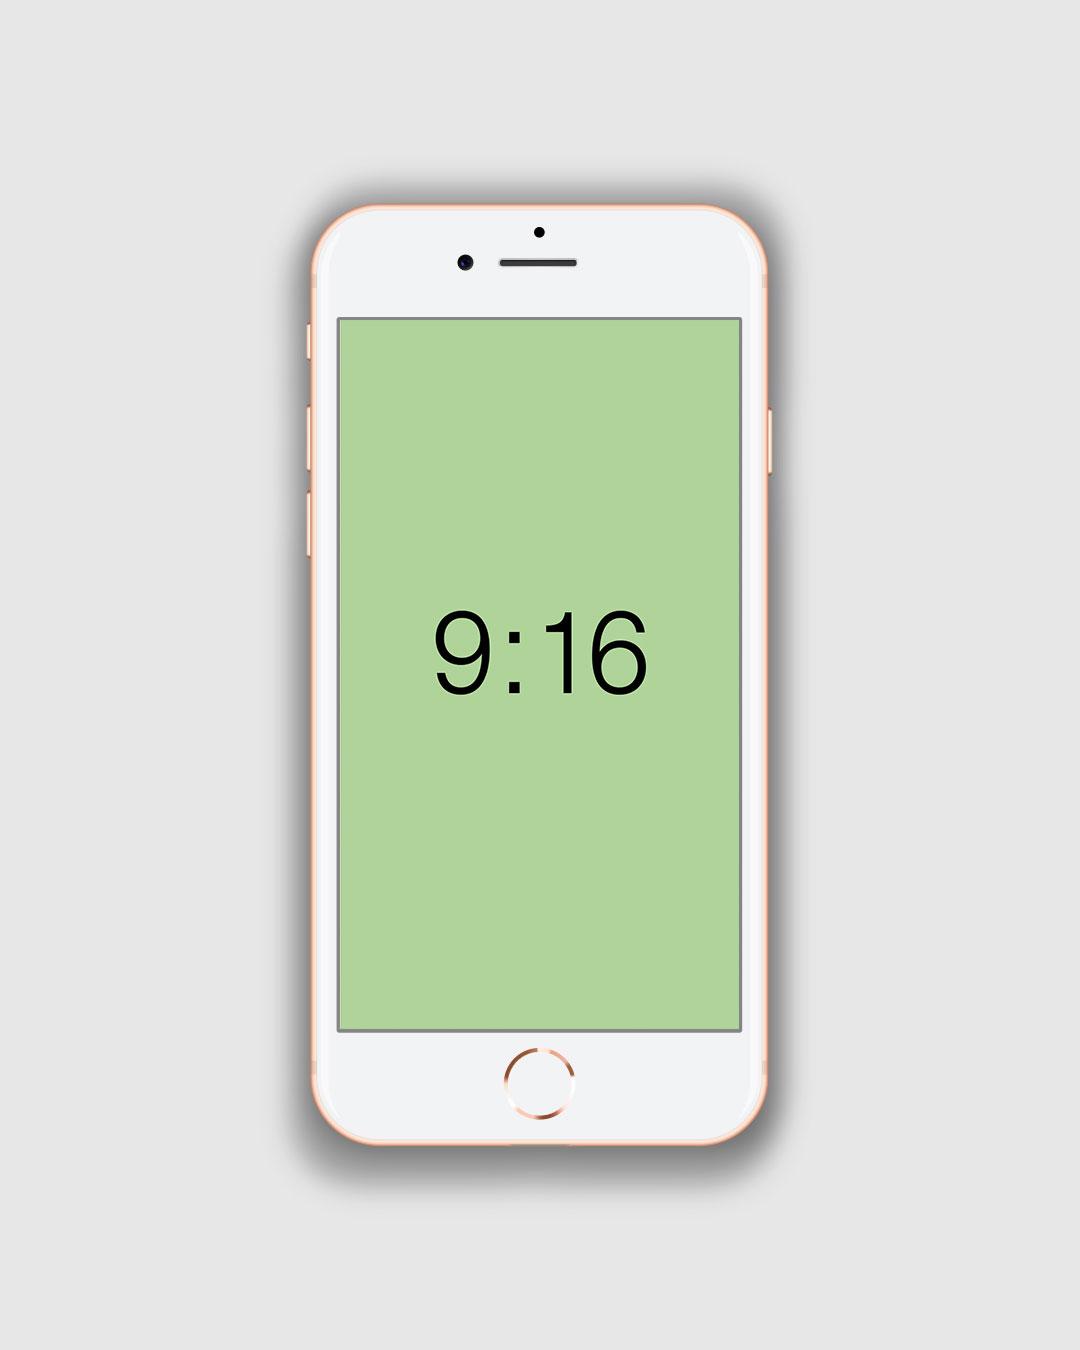 ohHello Design | Ressurser | Bildestørrelse 9:16 iPhone8